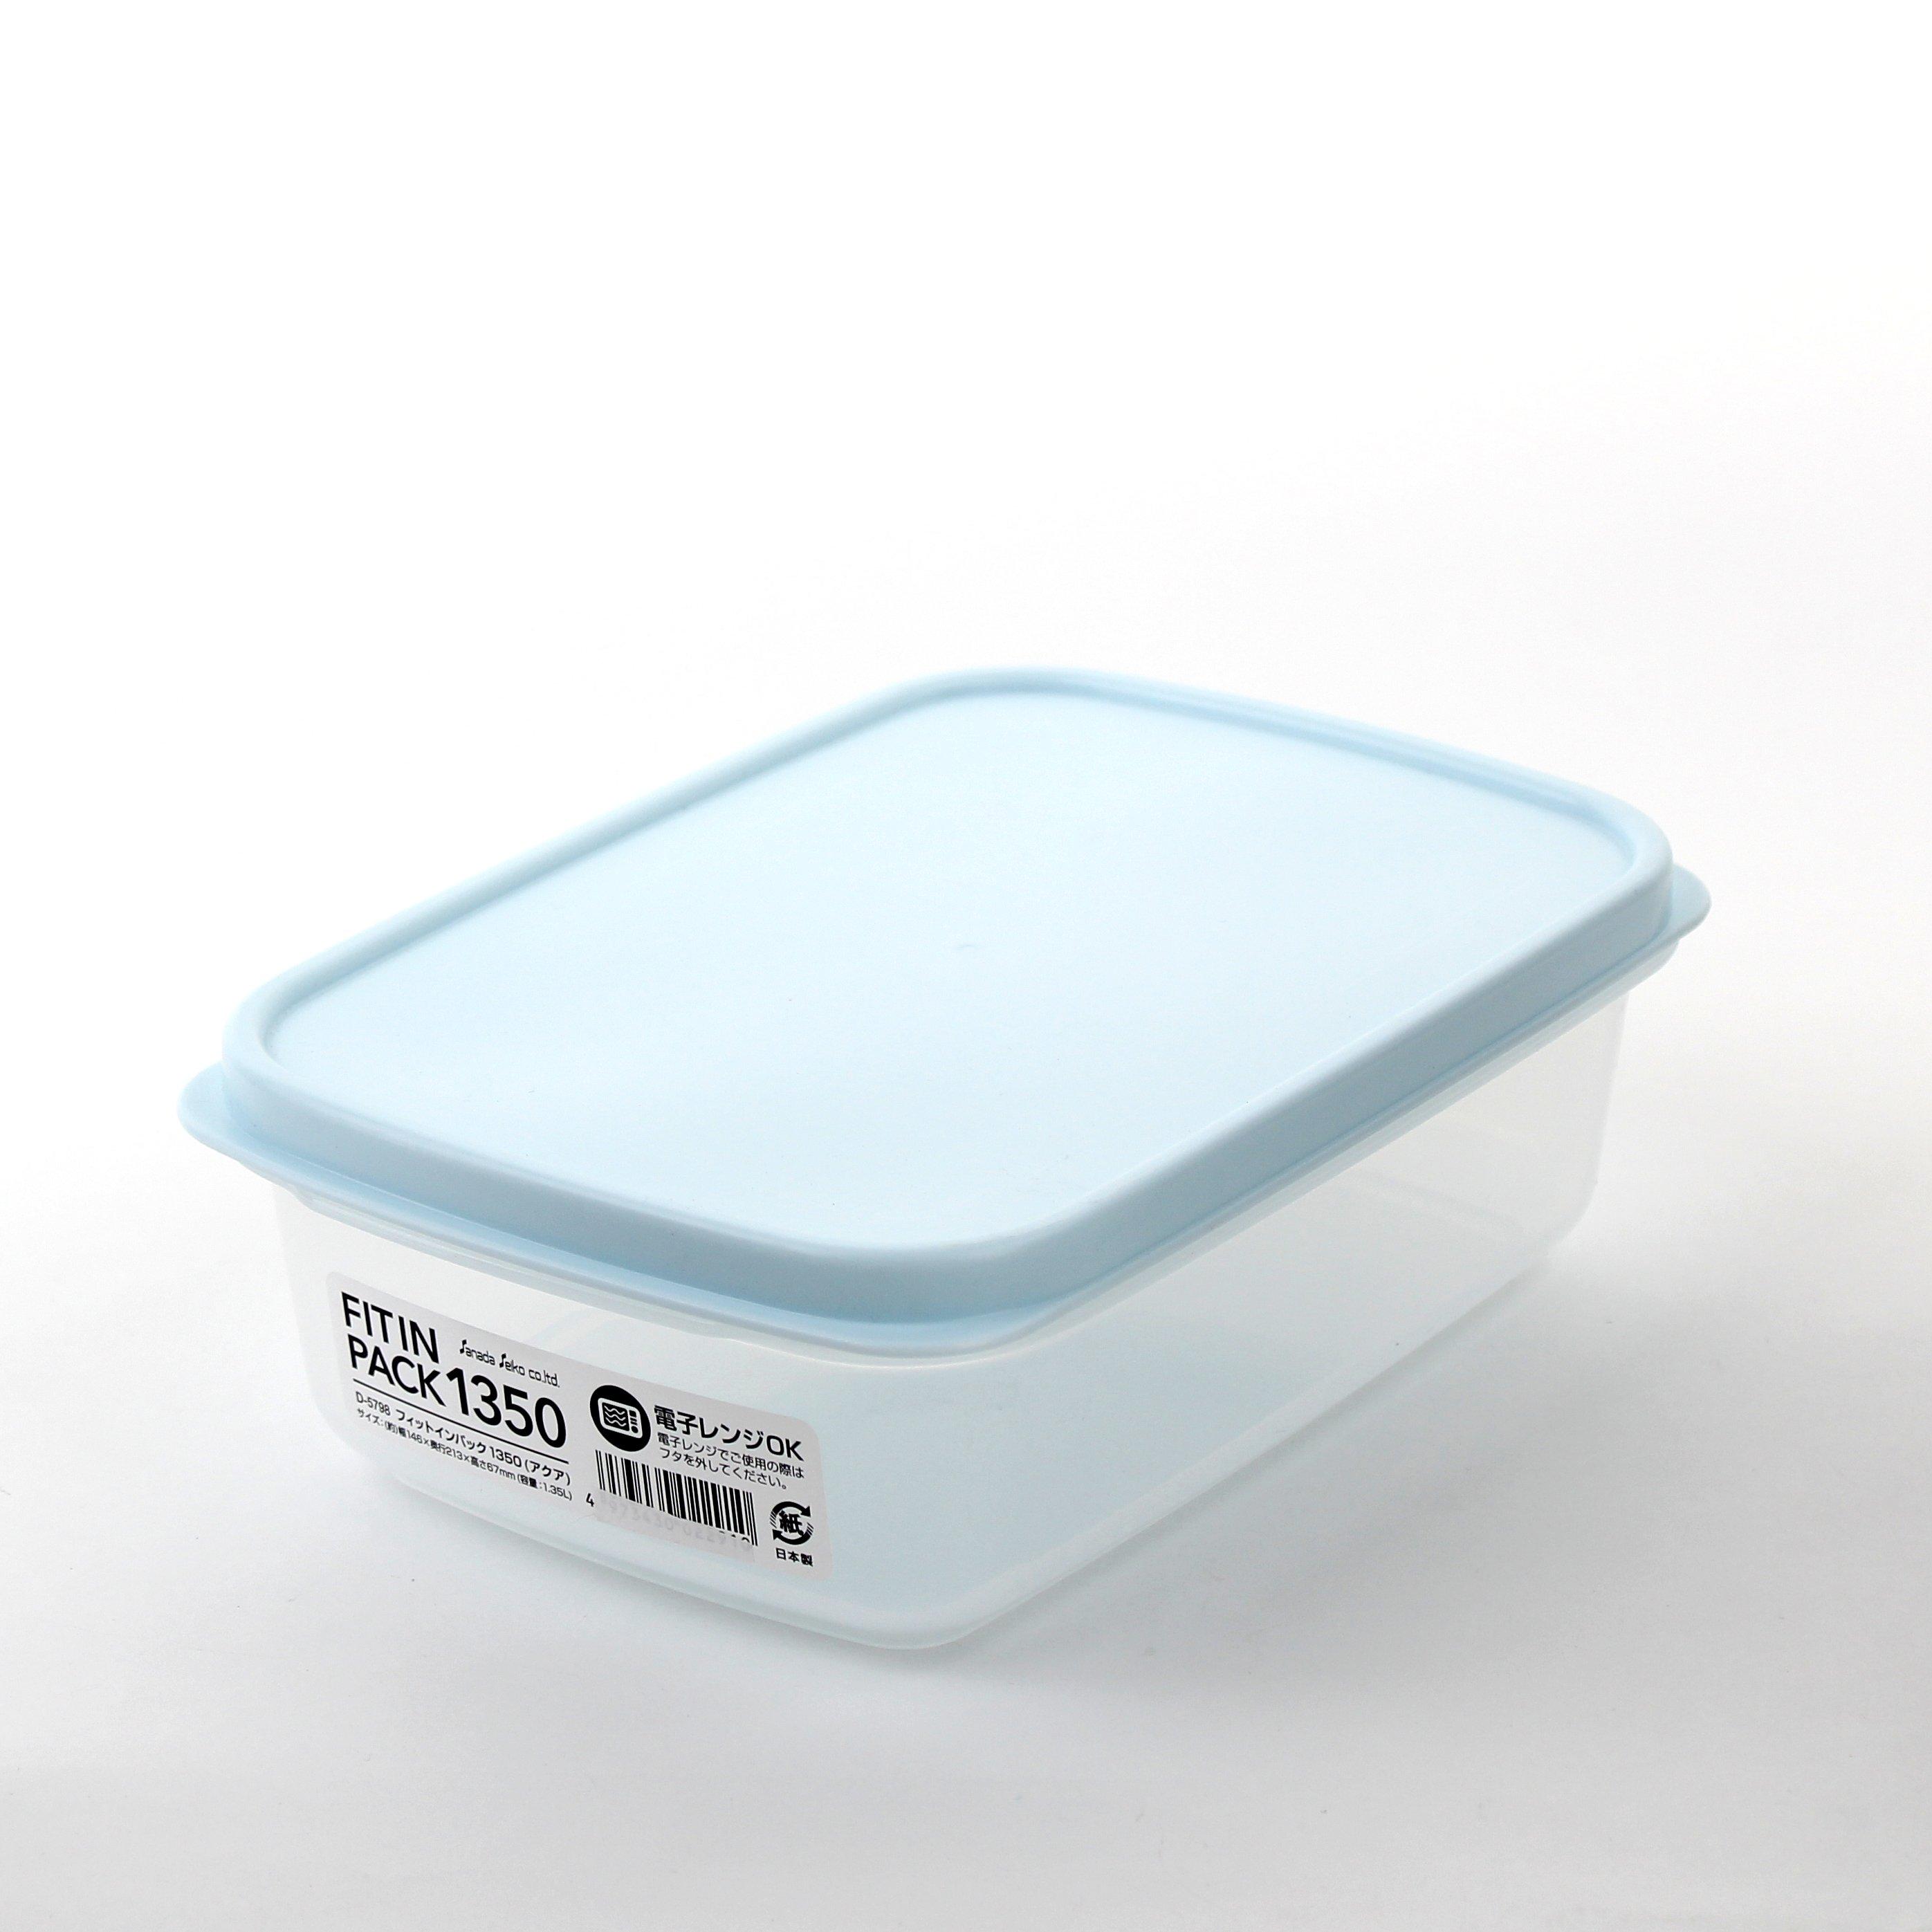 Hộp nhựa nắp dẻo 1350ml (màu xanh Mint) - Hàng Nhật nội địa